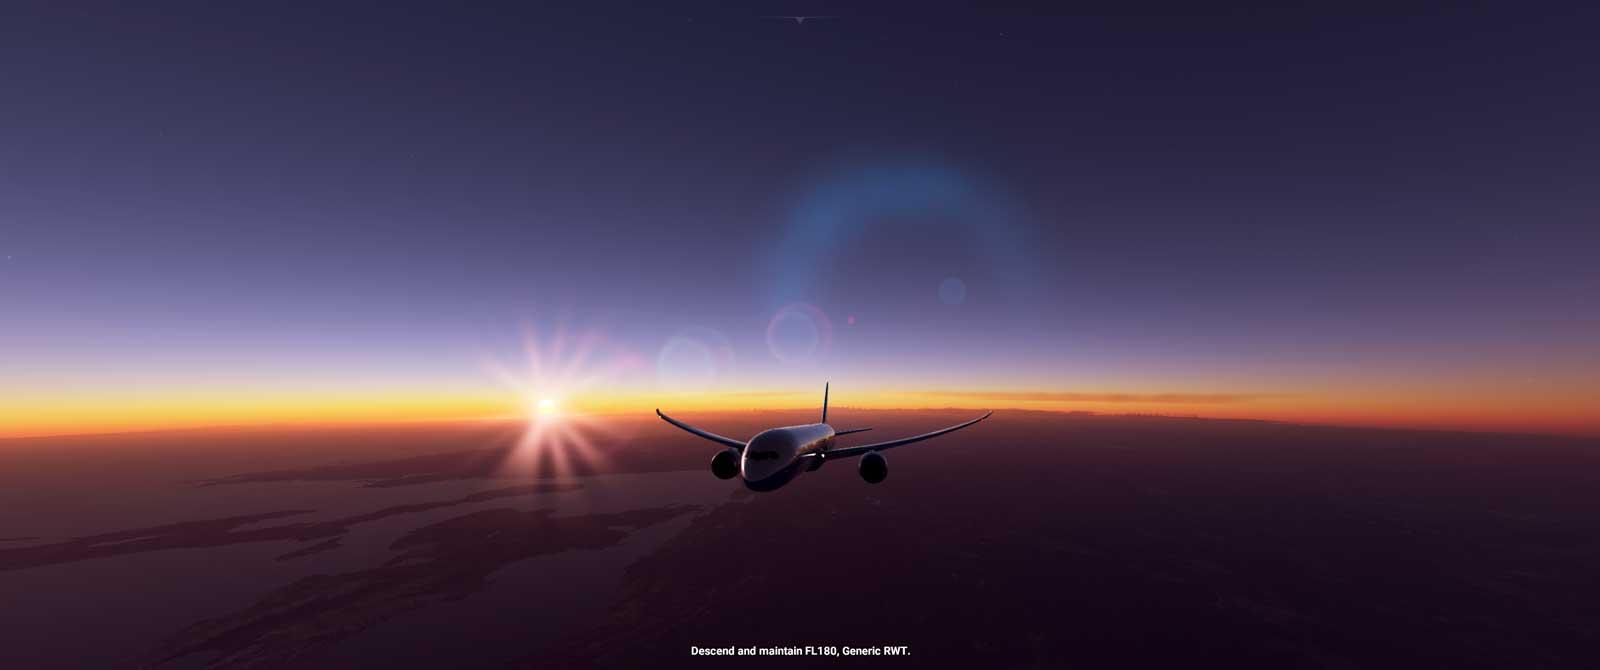 787-Sunset-Adriatic.jpg